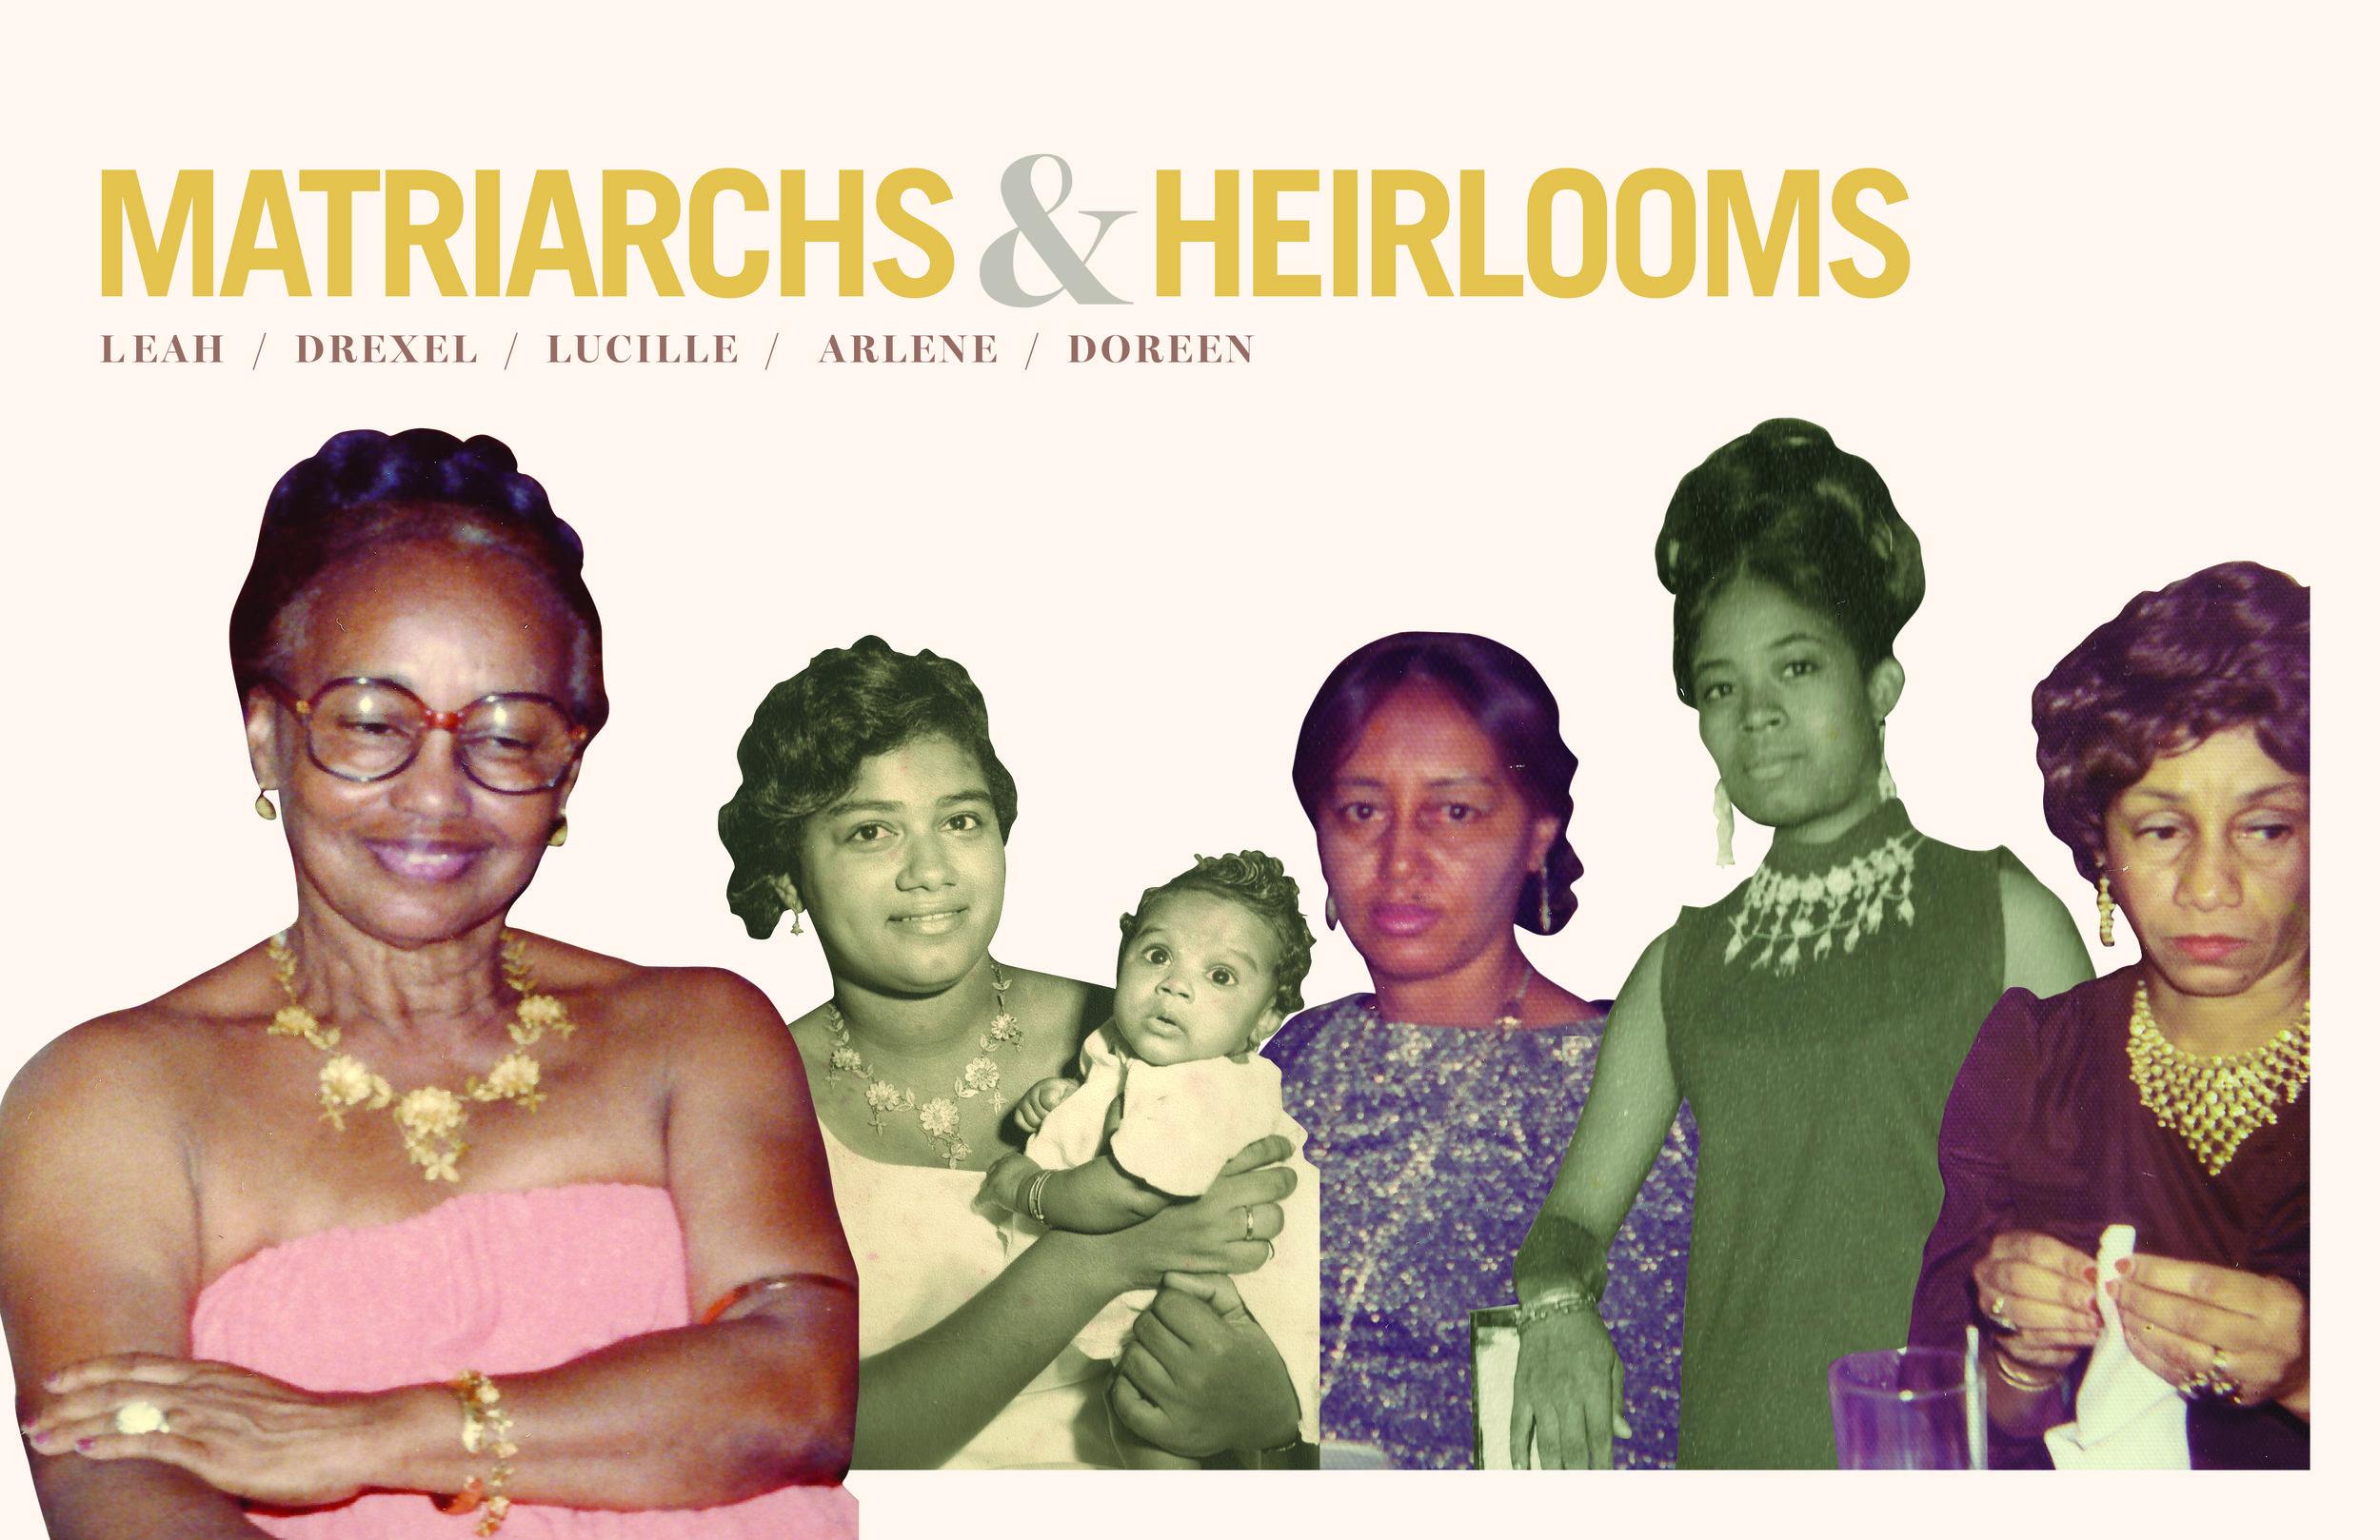 Matriarchs & Heirlooms